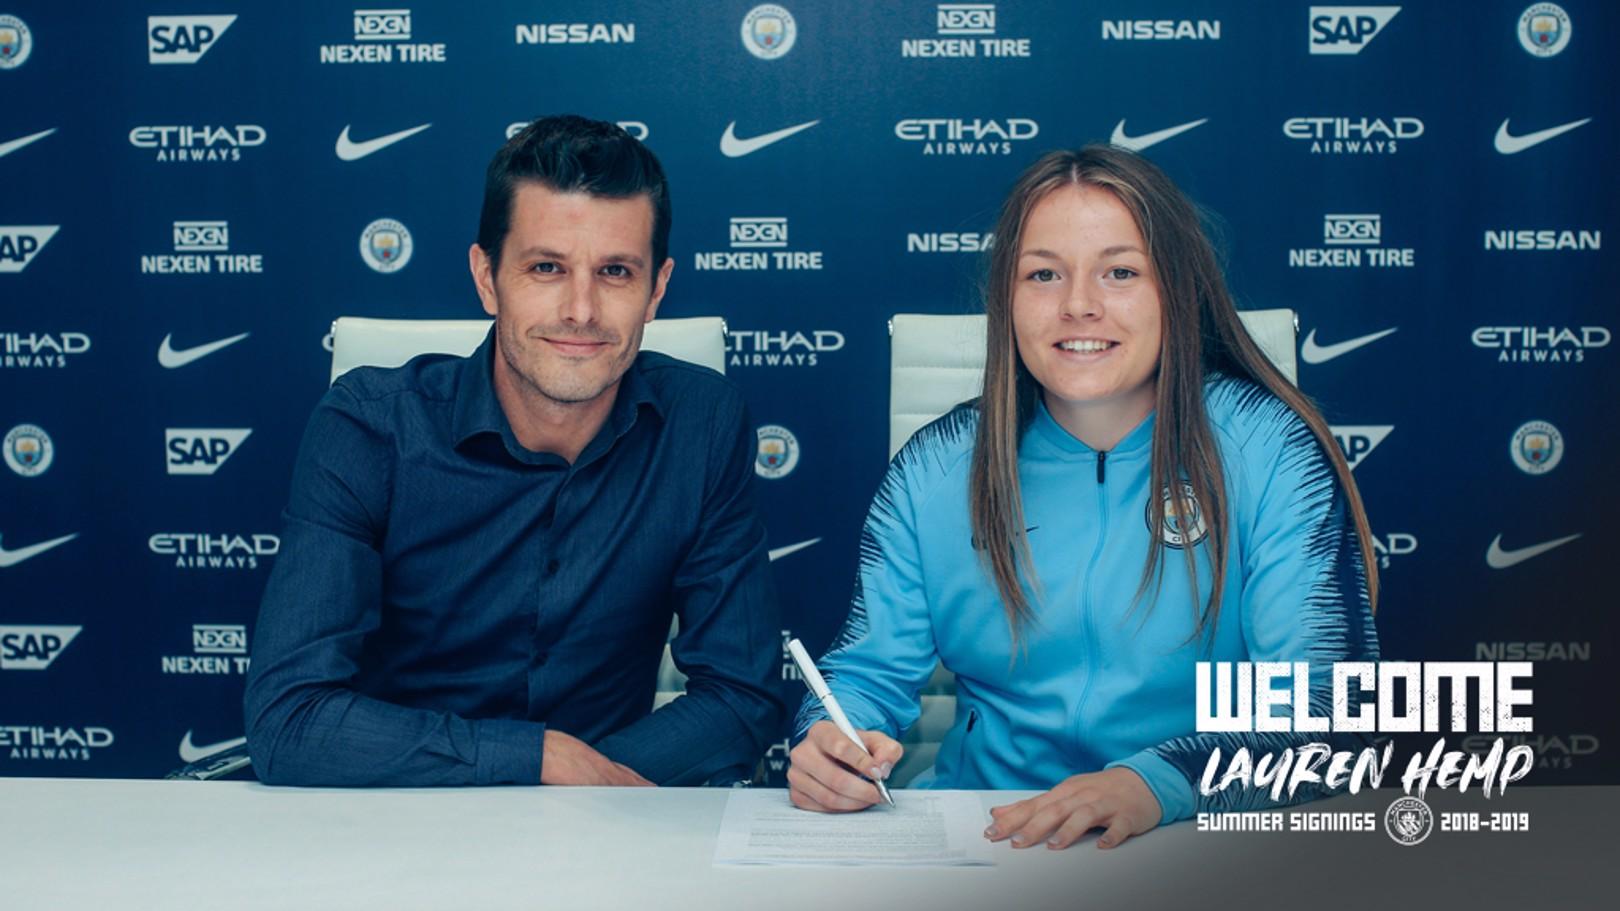 Lauren Hemp firma su contrato con el City.